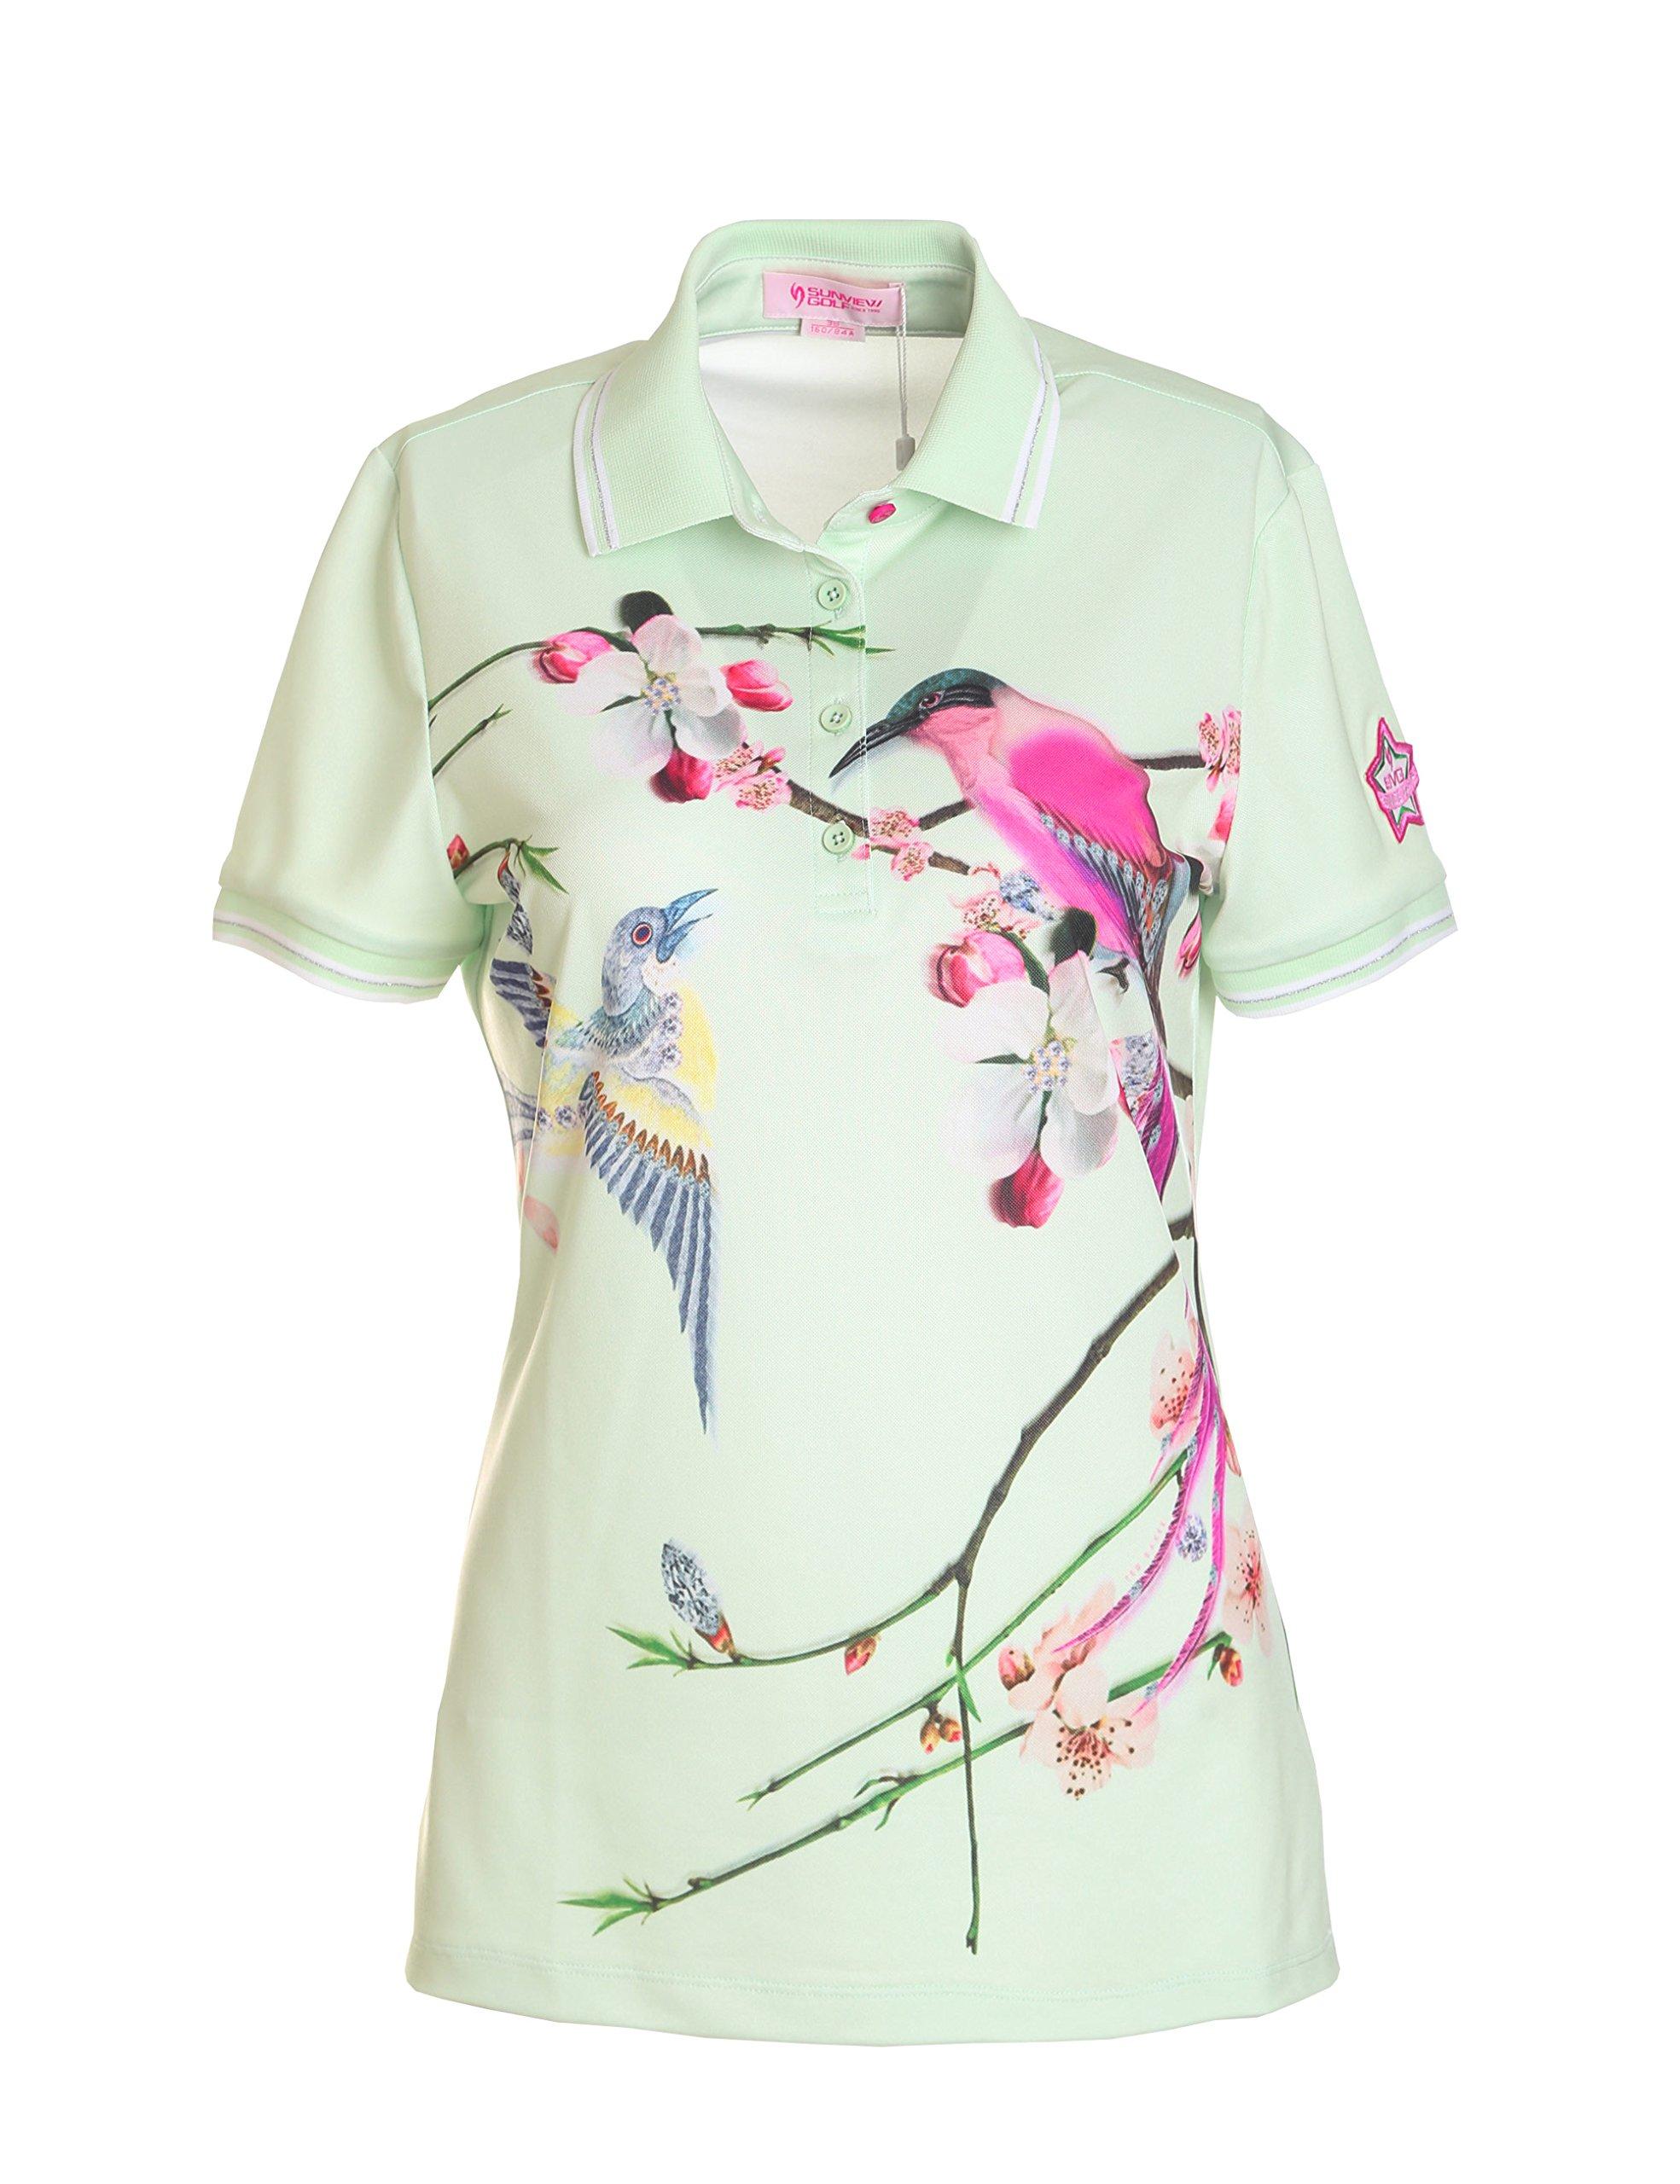 Women's Short Sleeve Polo Shirt Top Printed Summer Golf Shirt Green XS